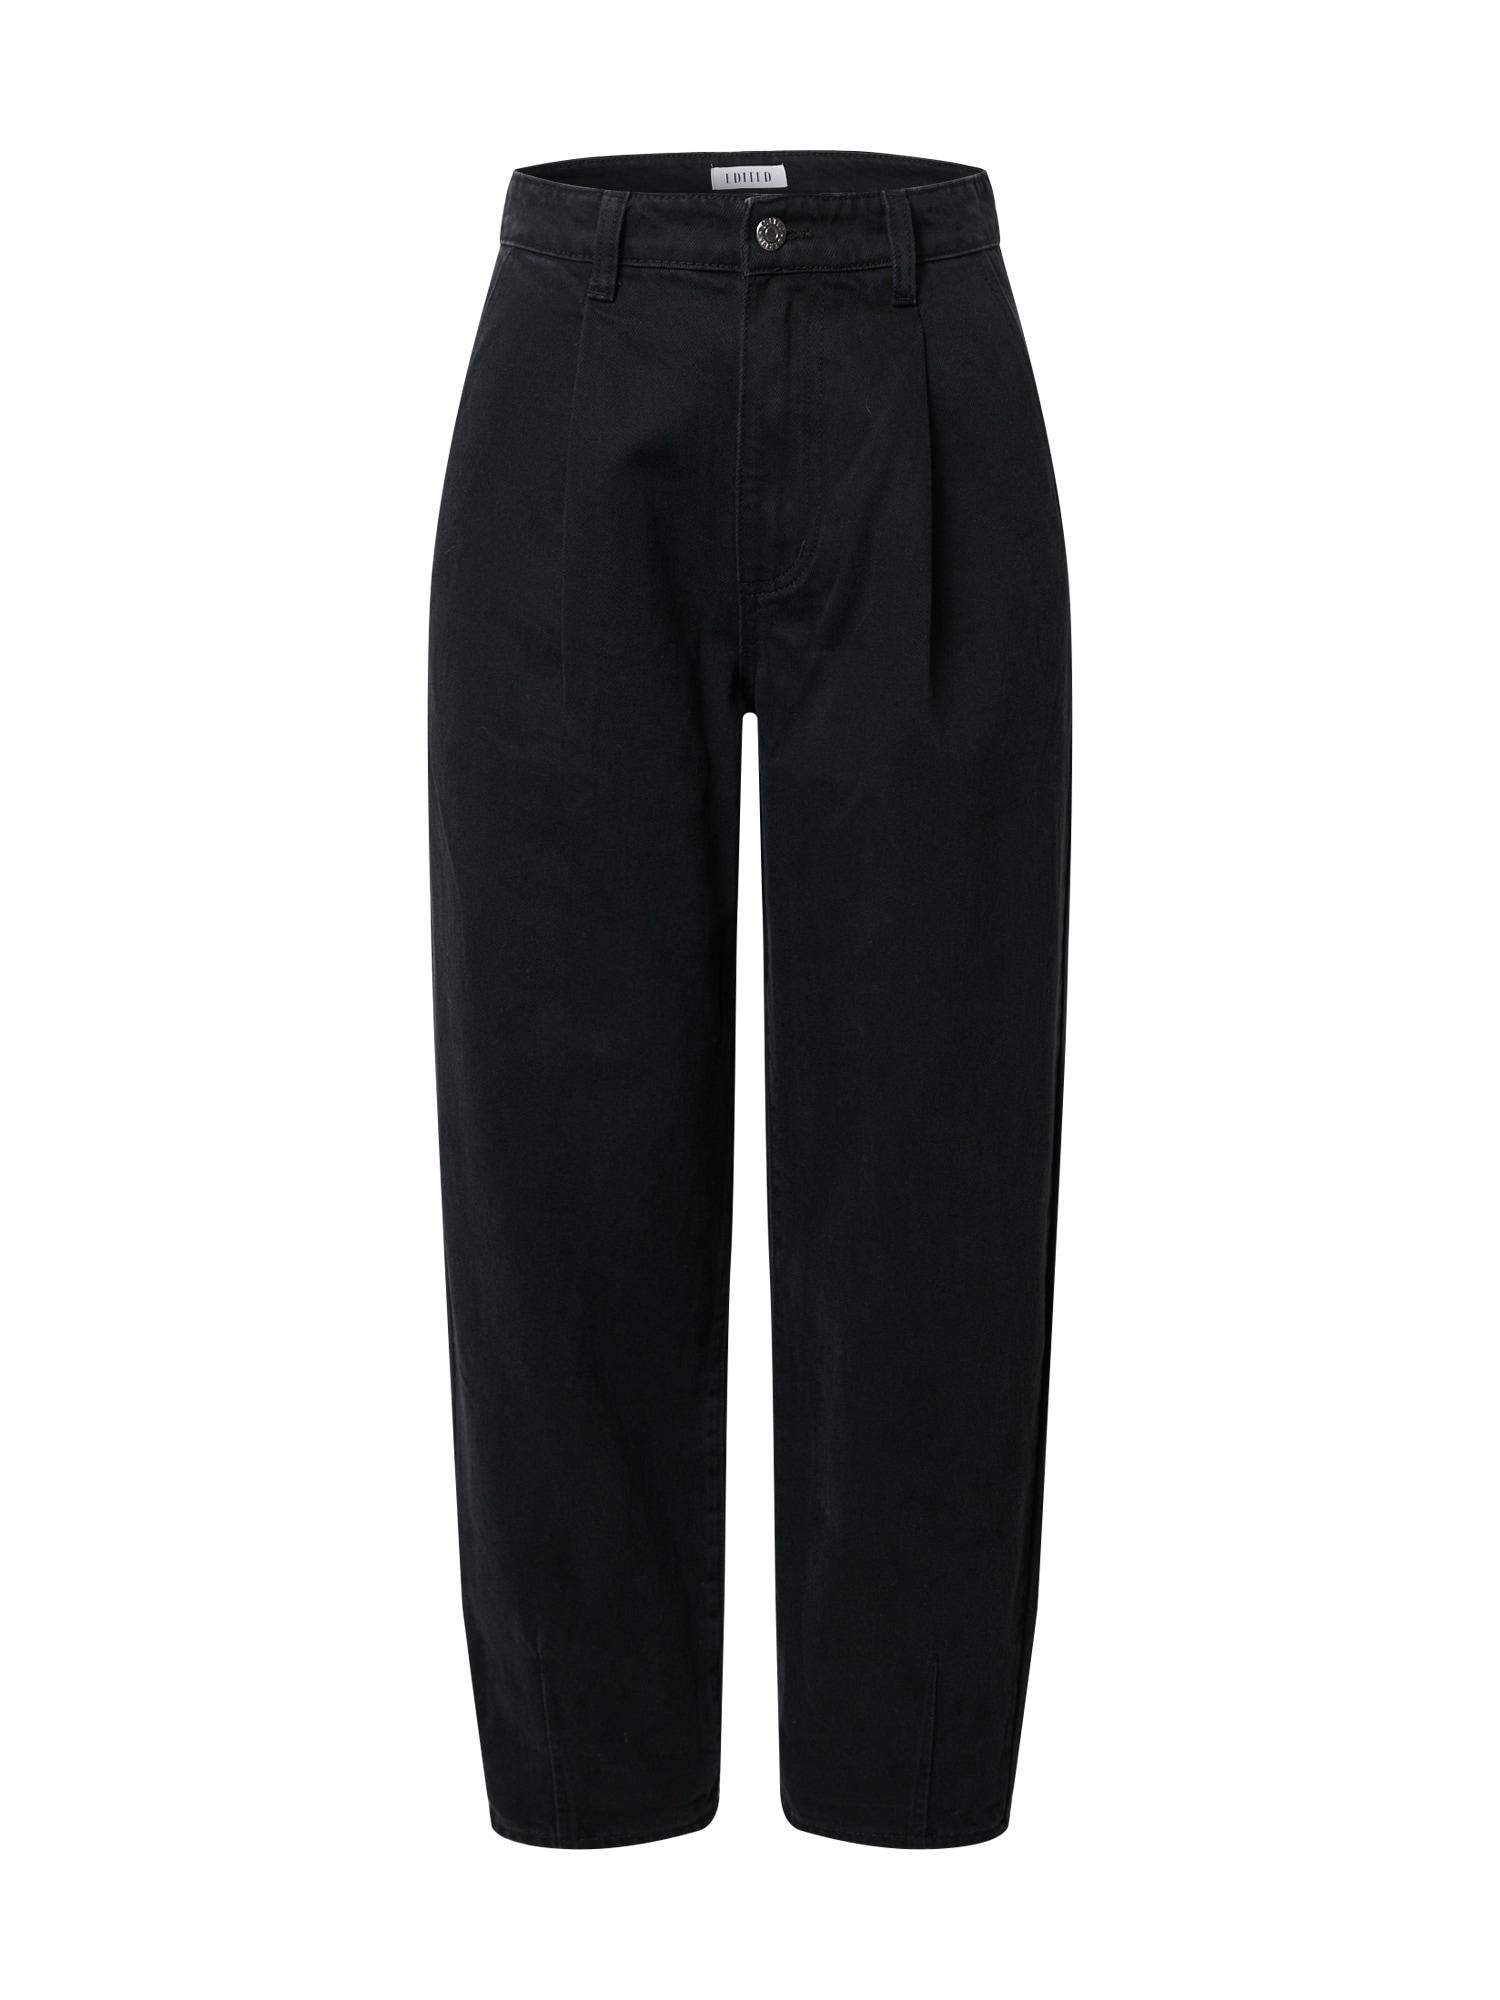 EDITED Džinsai su kantu 'Fiona' juodo džinso spalva